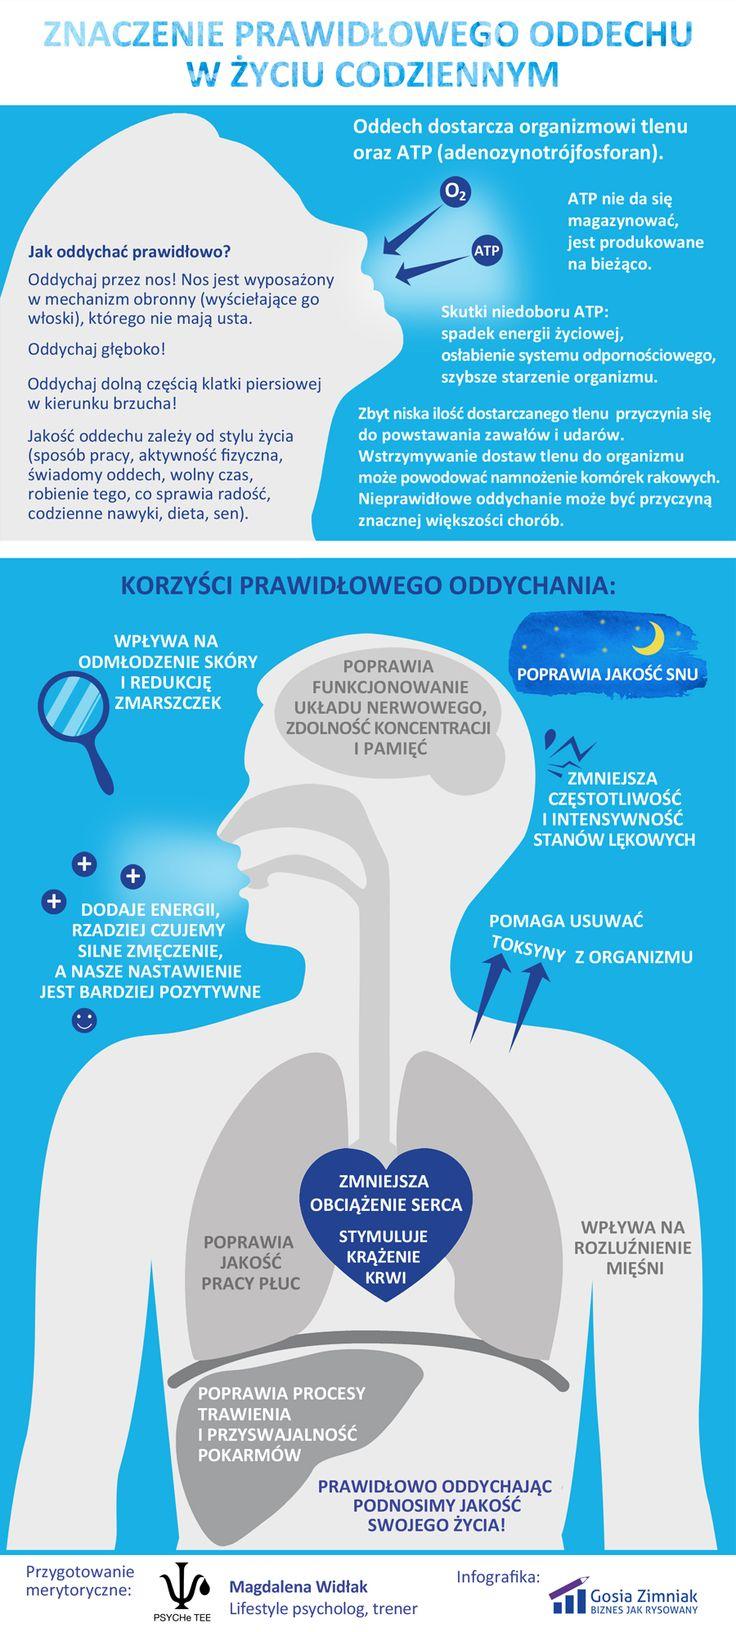 Zalety prawidłowego oddechu. Jak oddychać prawidłowo? #infographic #infografika